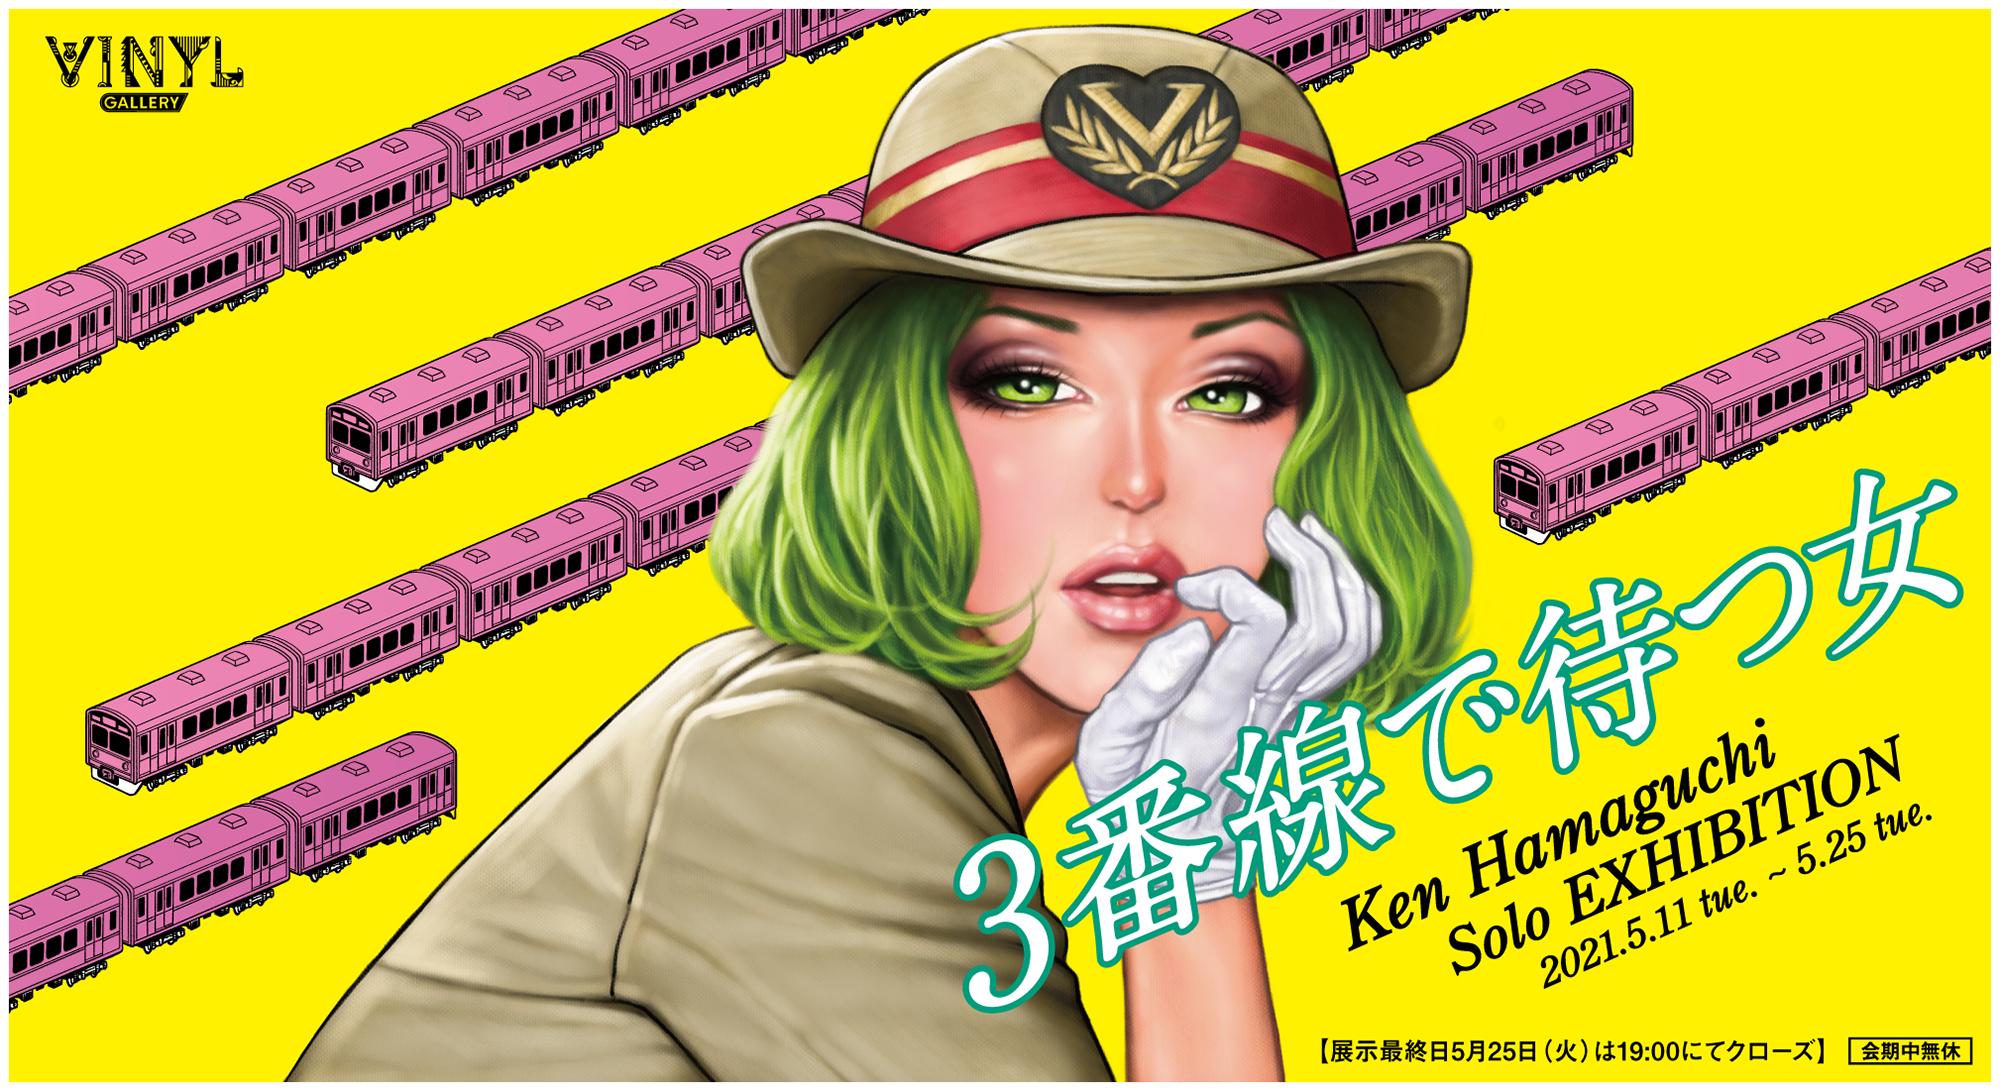 濱口健 Solo Exhibition「3番線で待つ女」